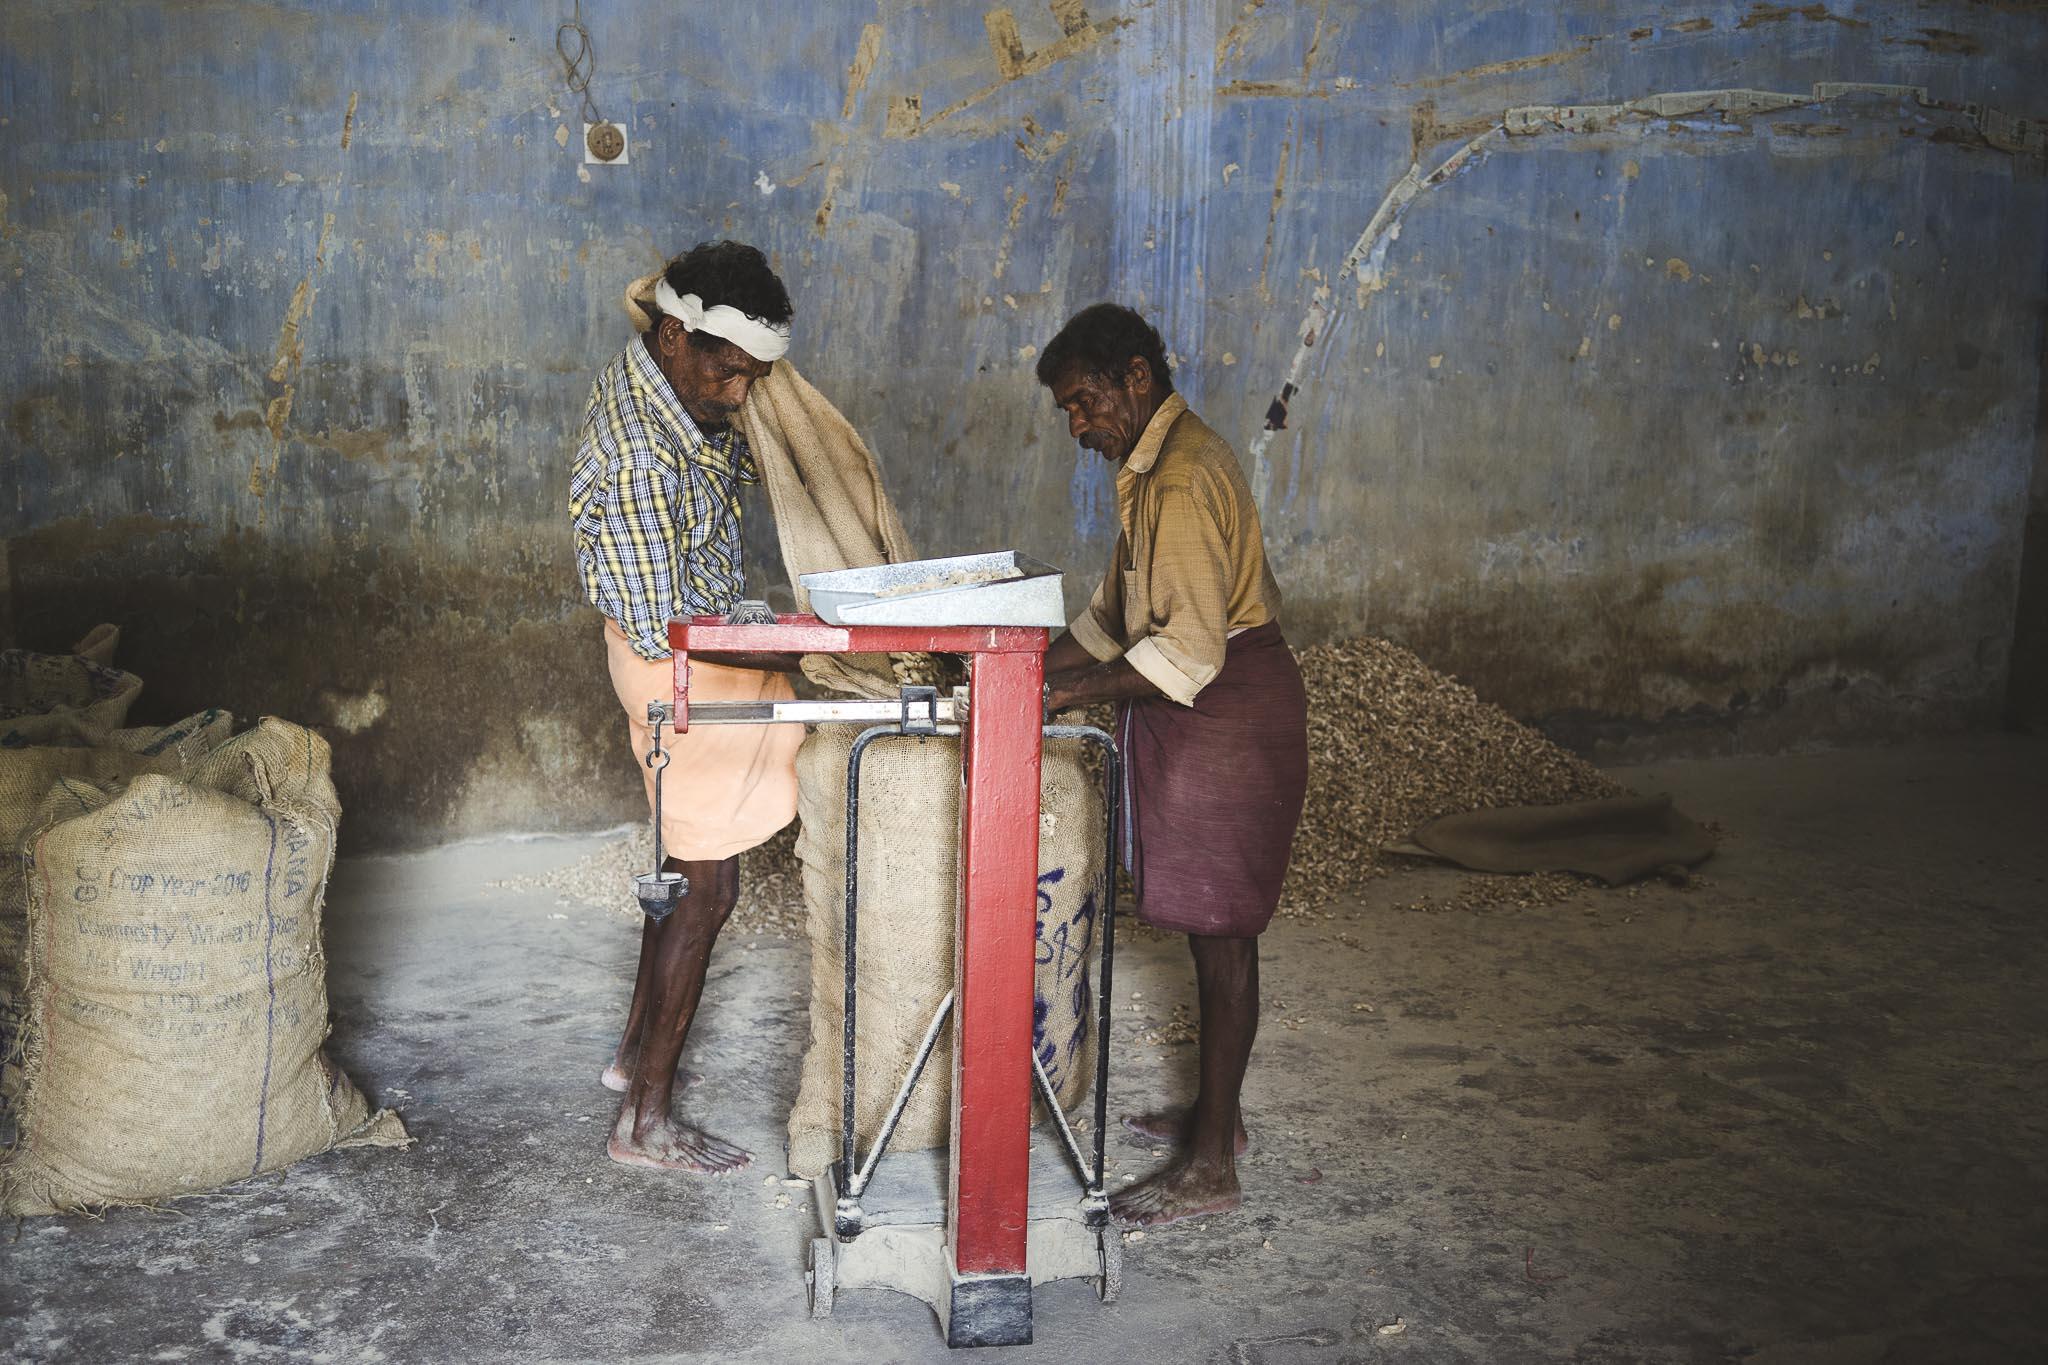 Magazynu imbiru, jedno z najbardziej pachnących i klimatyczncyh miejsc Fortu Koczi